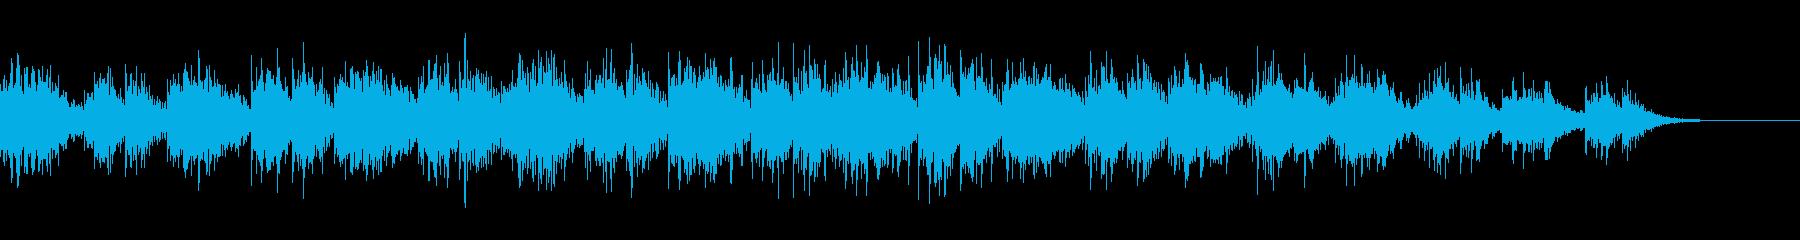 浮遊感を感じるきれいなサウンドの再生済みの波形